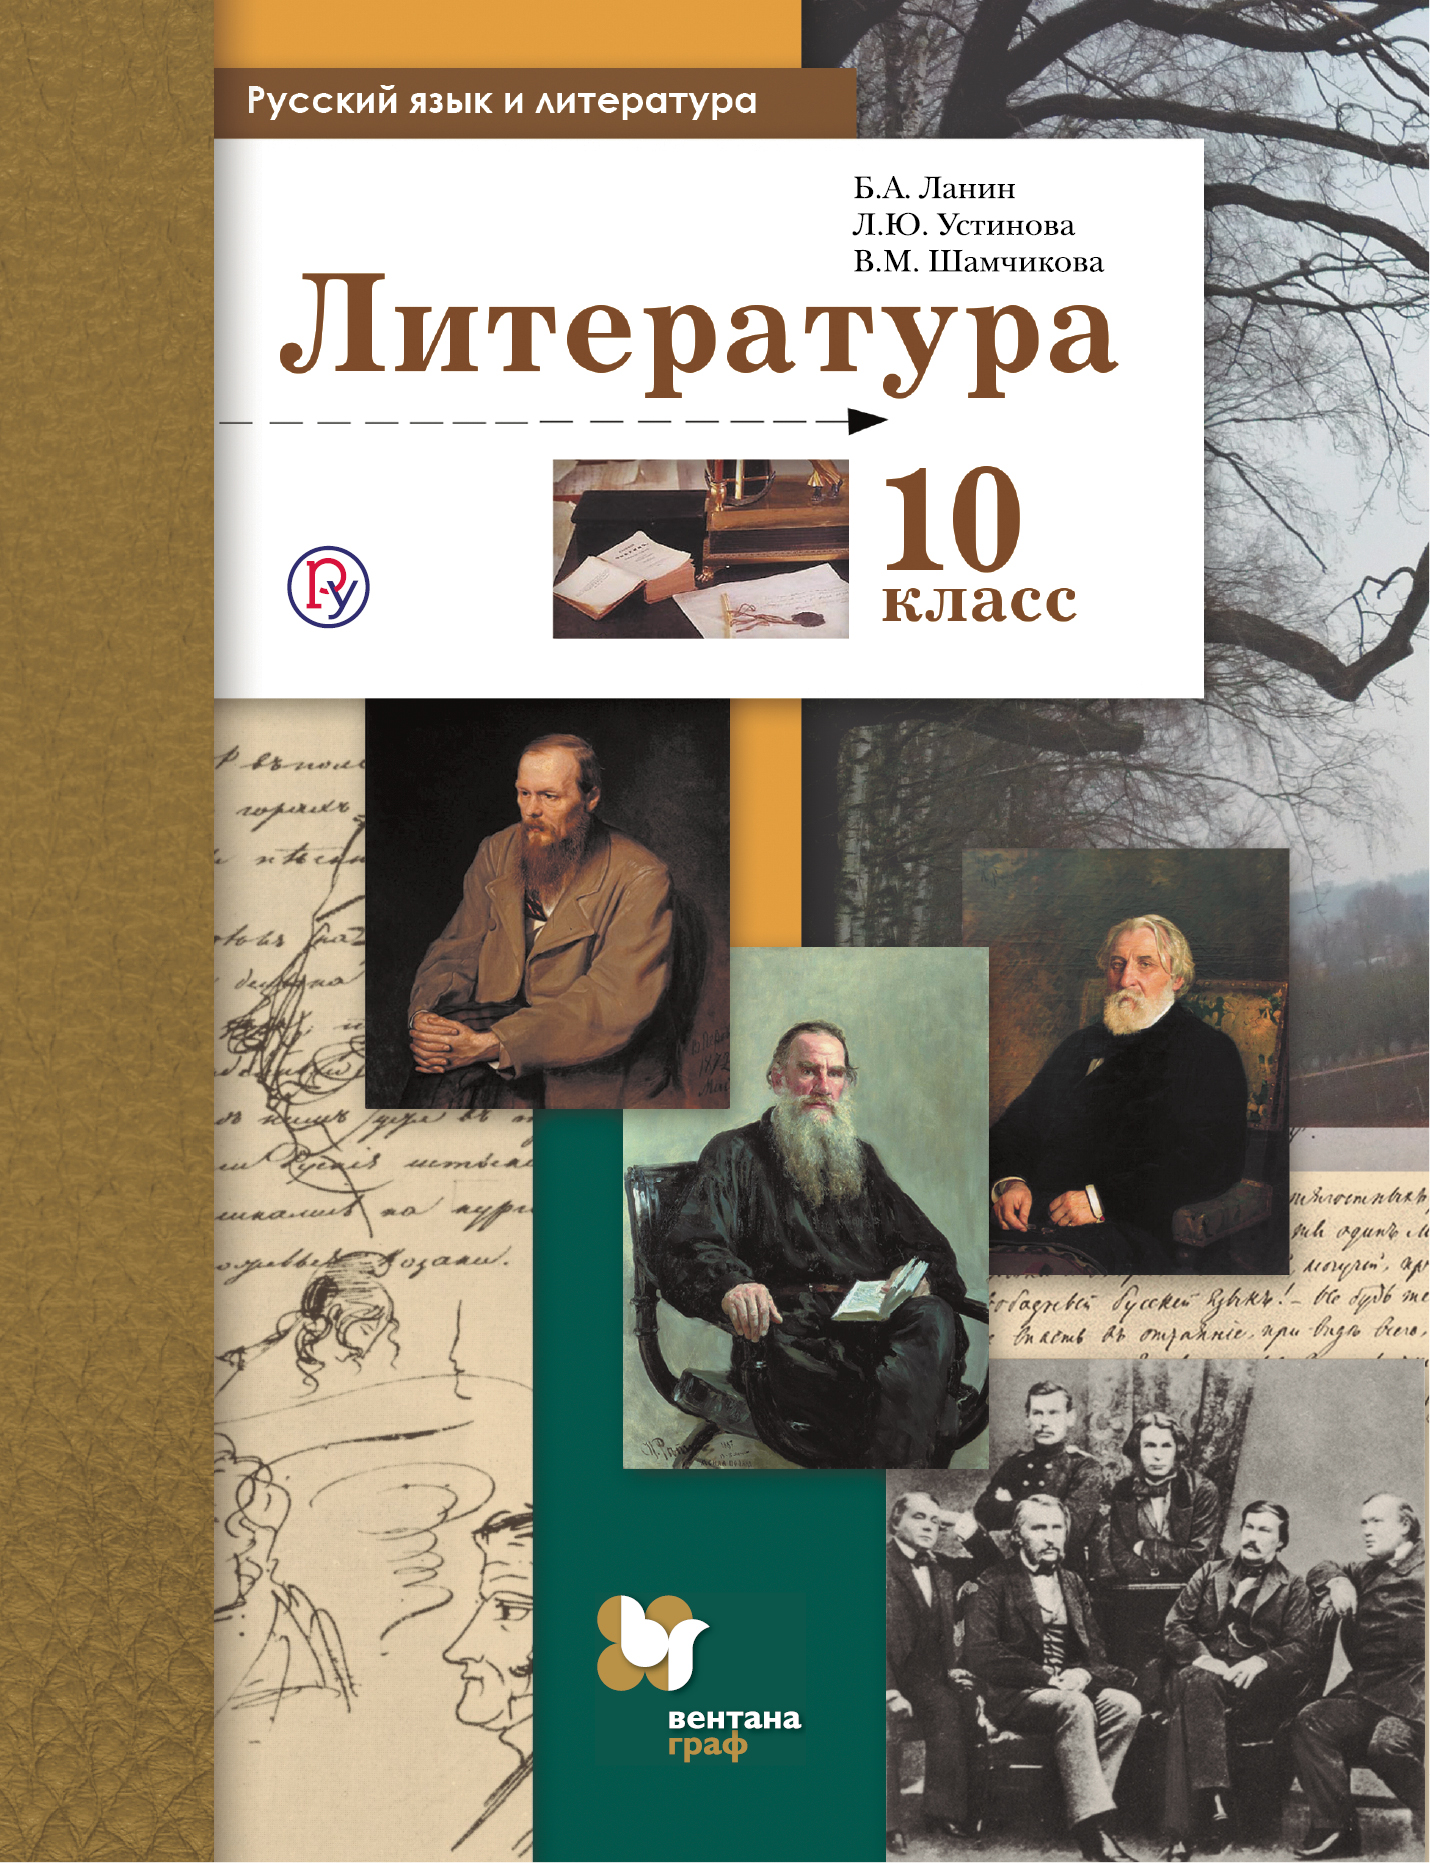 Рабочая программа по литературе агеносова архангельского 10-11 класс